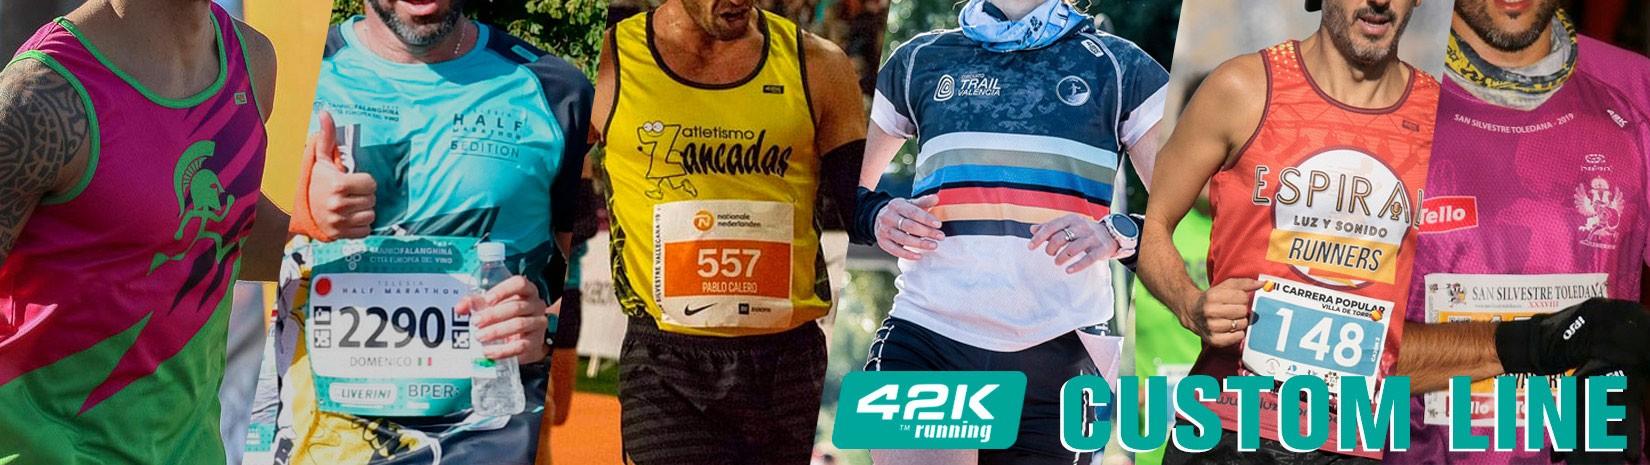 Camisetas técnicas personalizadas Custom impresas hasta los bordes 42k running